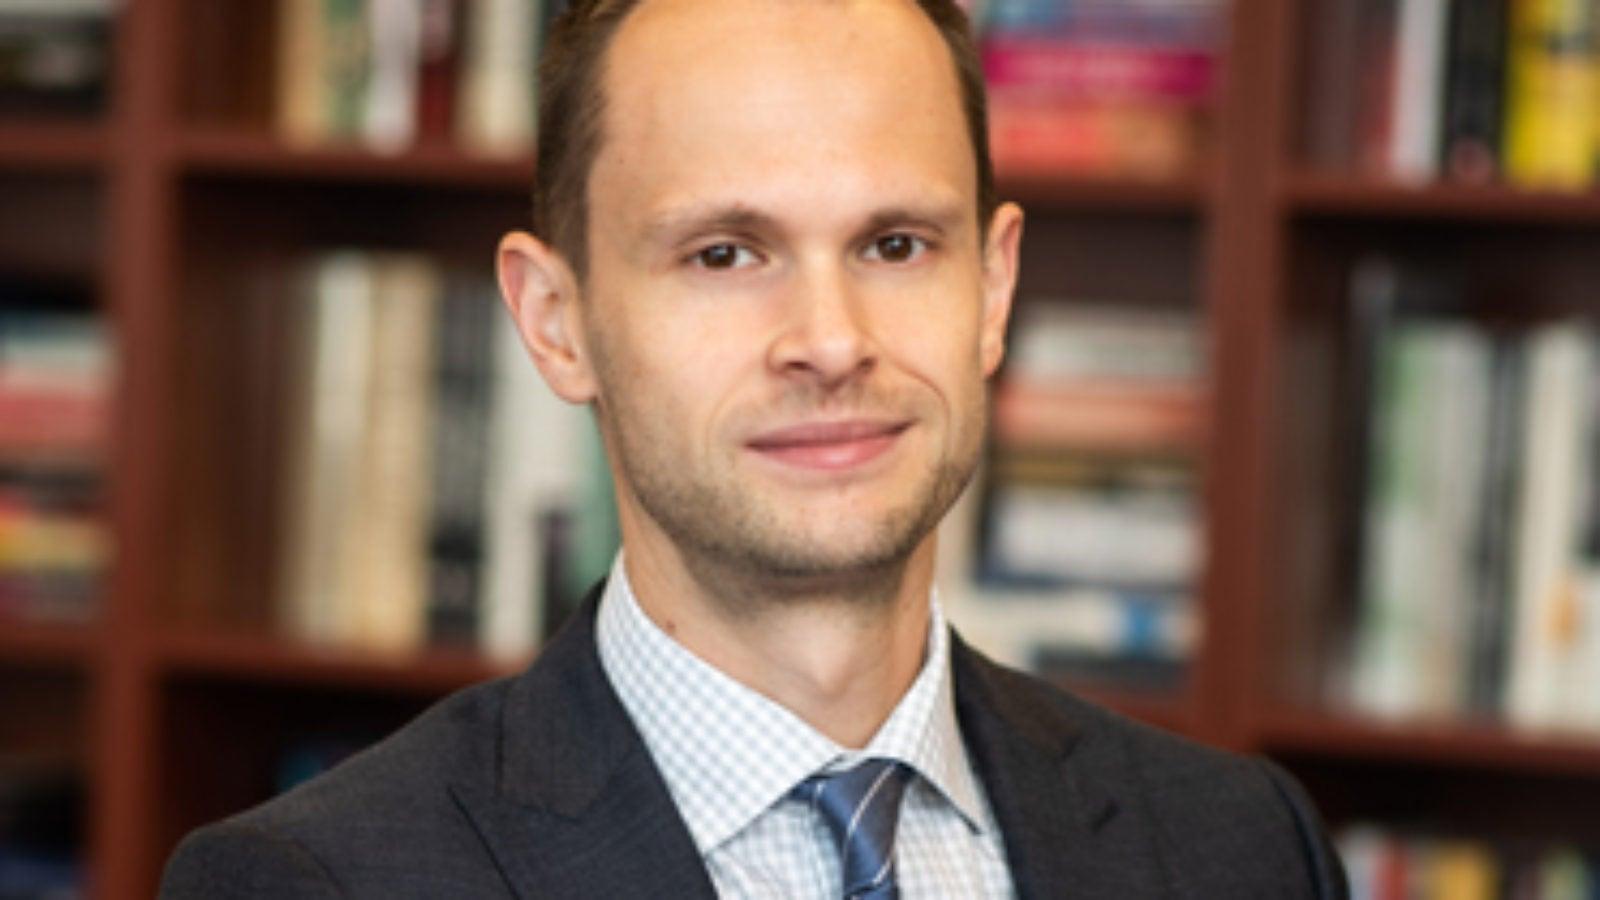 Photo of Evan Montgomery